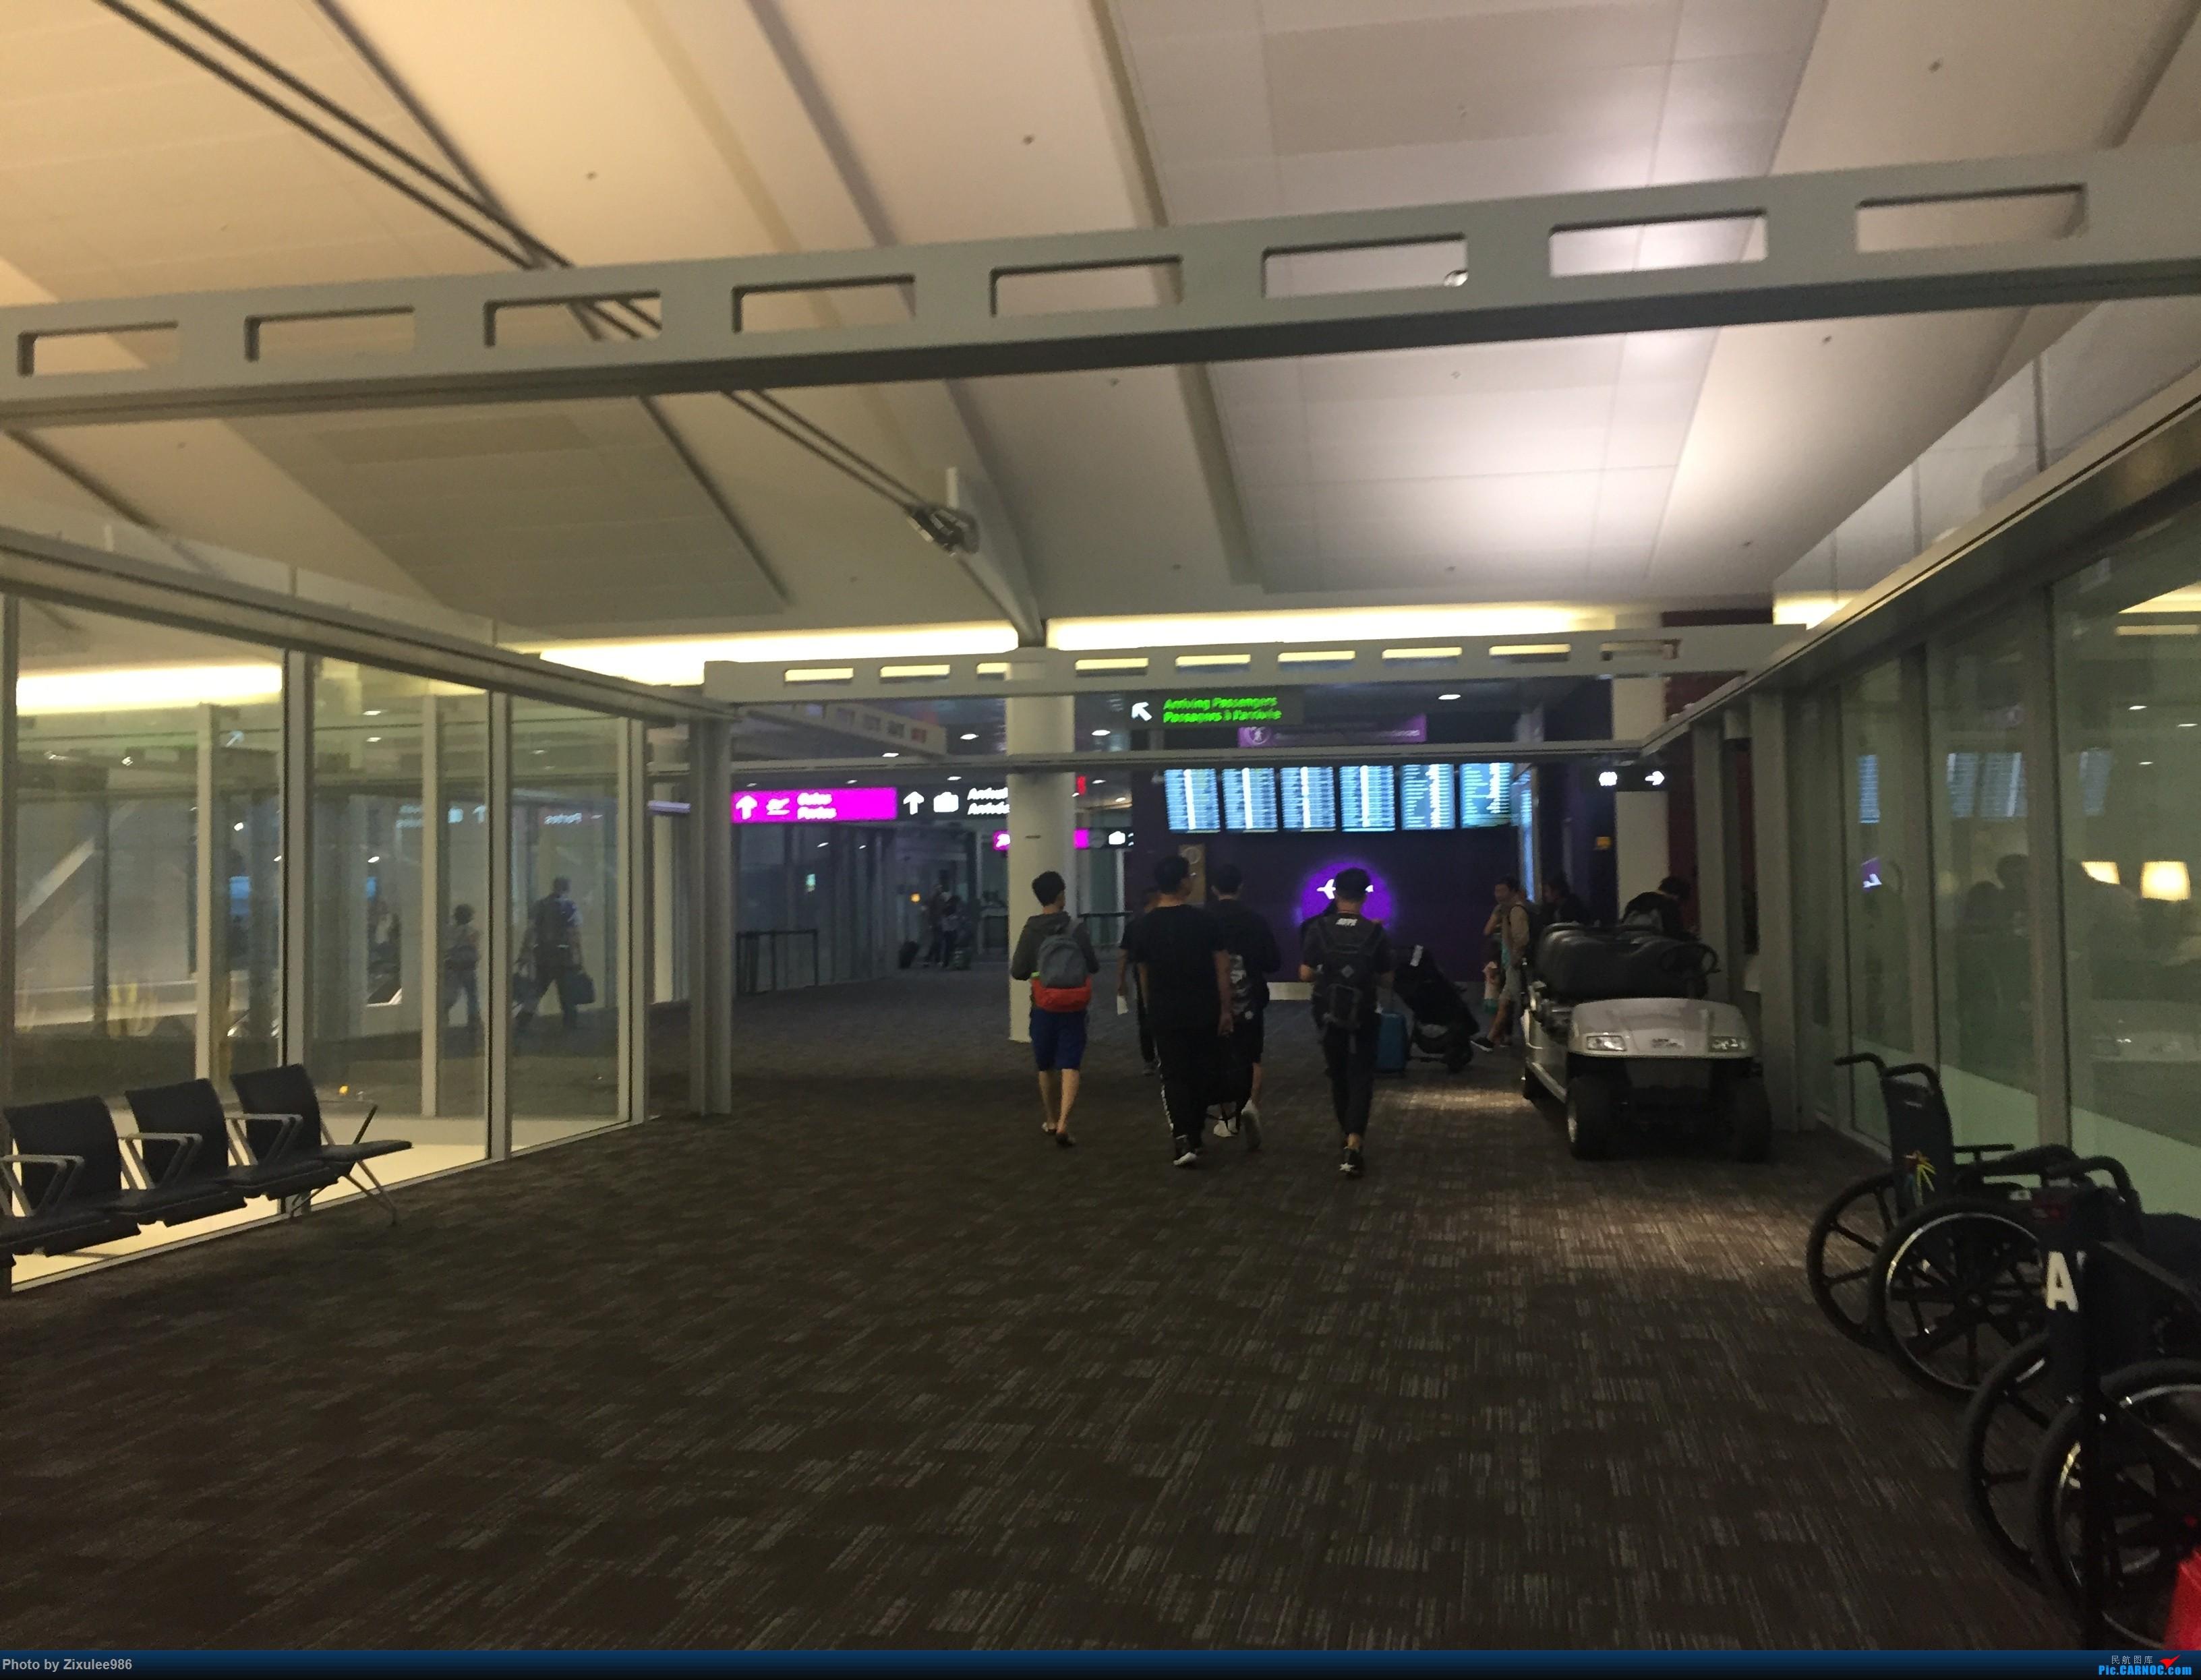 Re:[原创]加拿大21日游学之旅 (二)~加航AC28..PVG-YYZ到达多村后的雨天~多图缓更(将会附上上一集忘发的flightlog)请各位大侠谅解~    加拿大多伦多皮尔逊机场